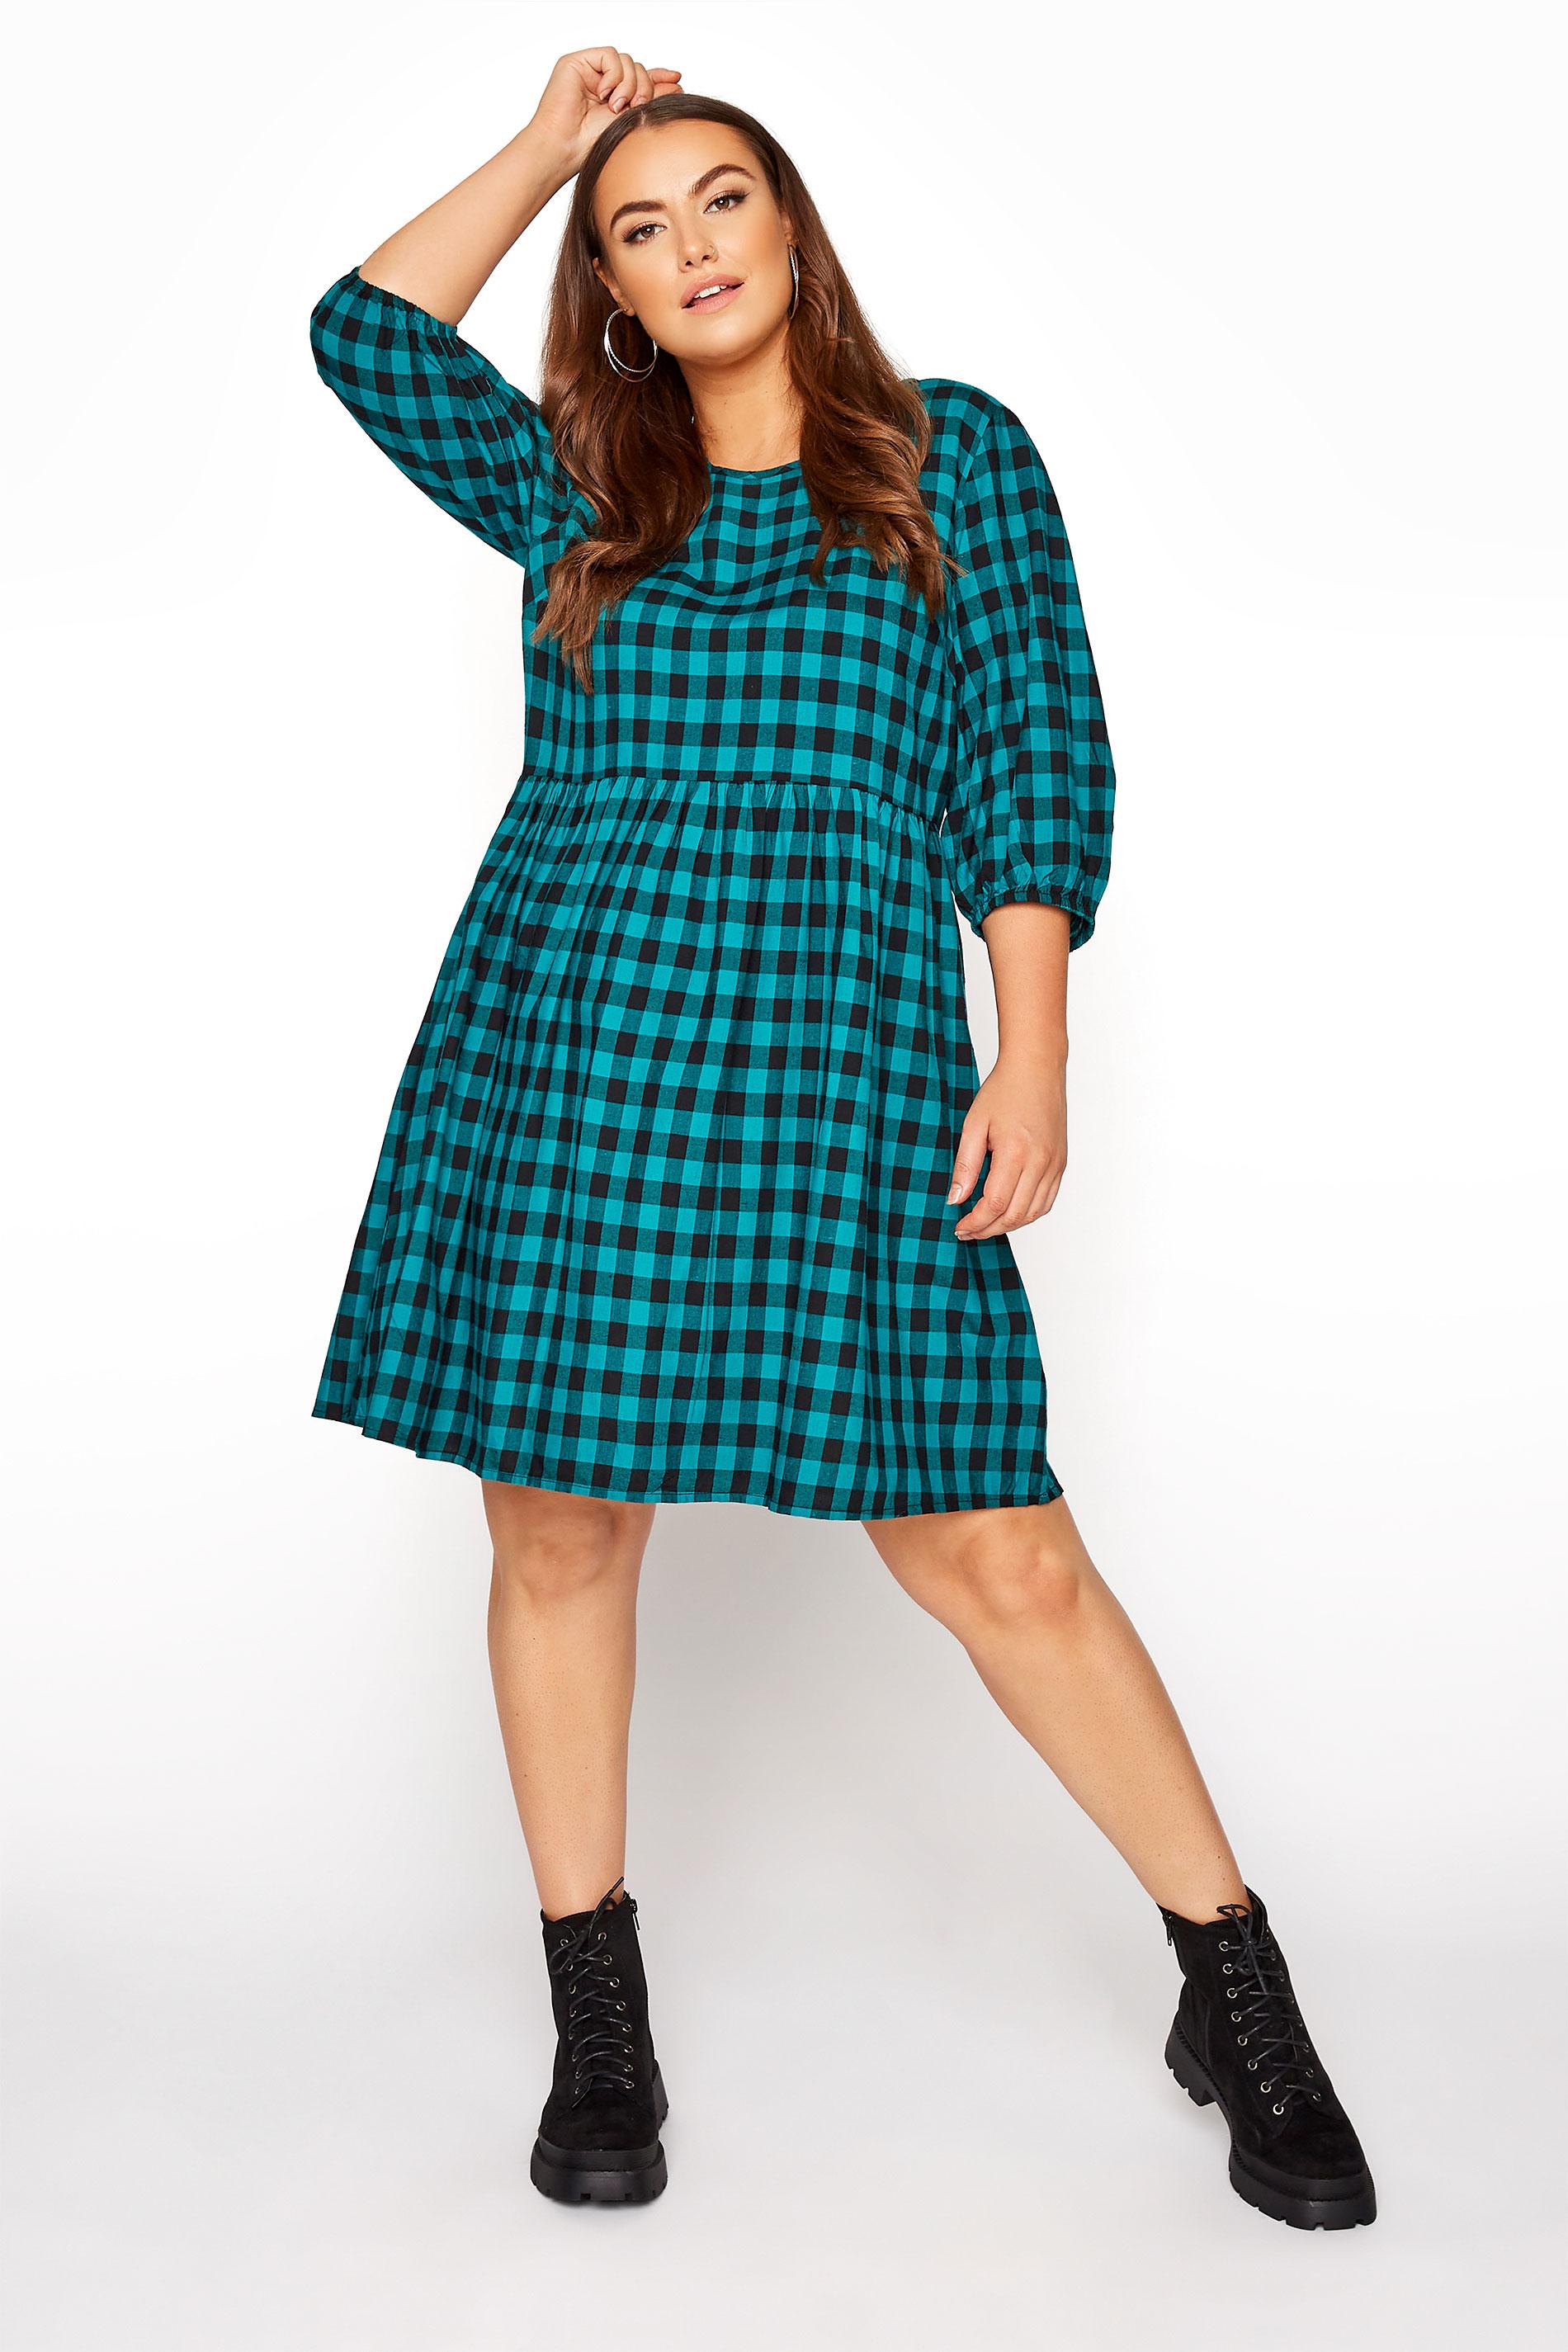 Teal Gingham Peplum Dress_A.jpg